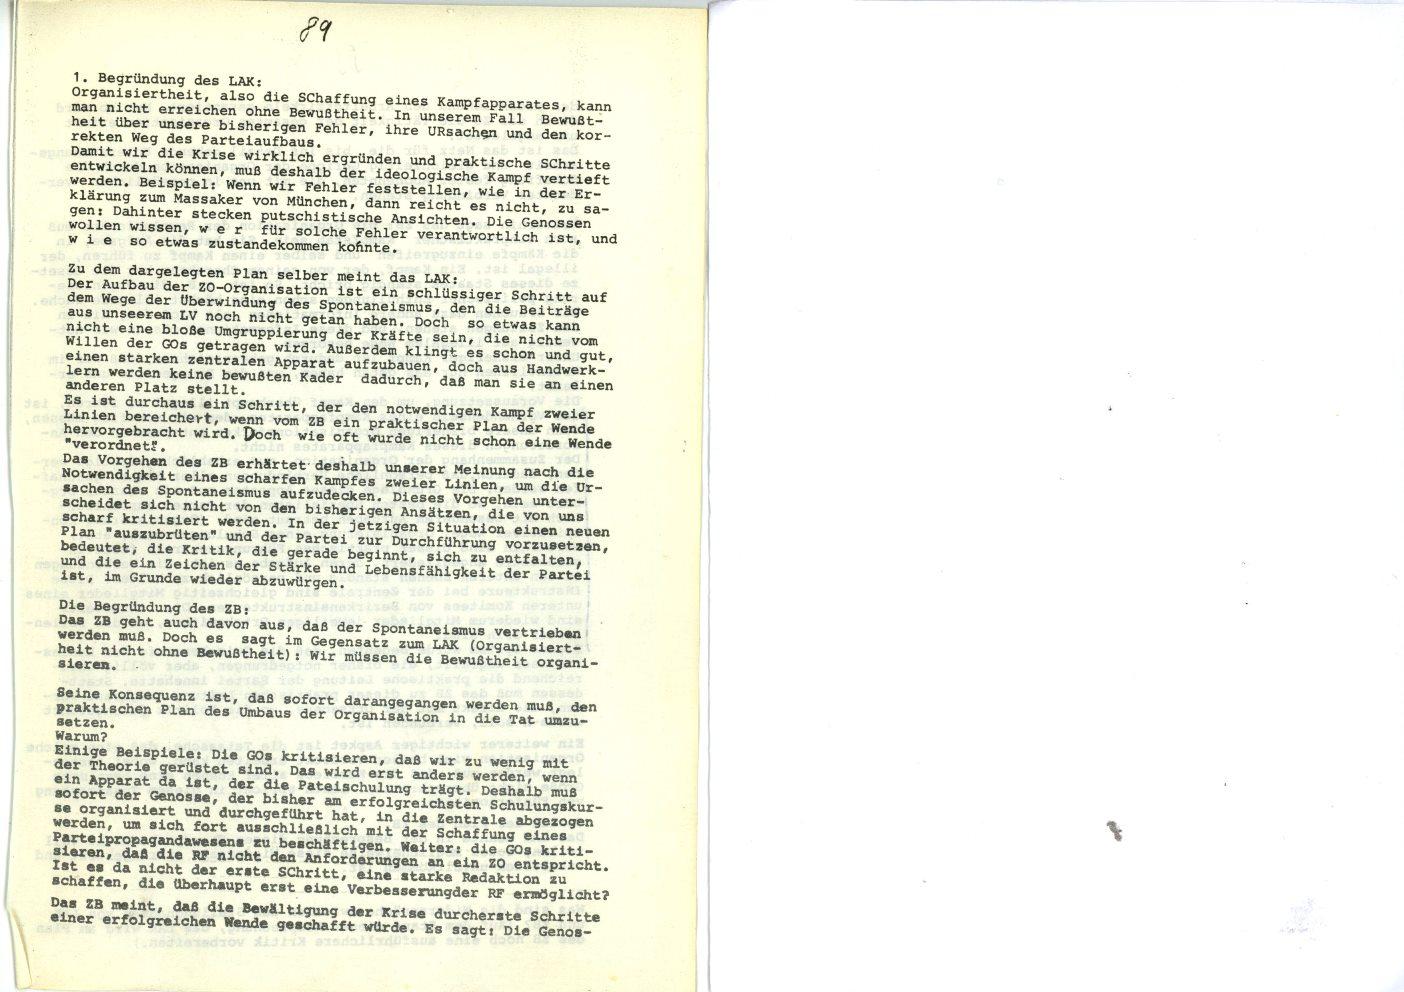 ZB_1972_Diskussionsorgan_zur_ersten_Parteikonferenz_49